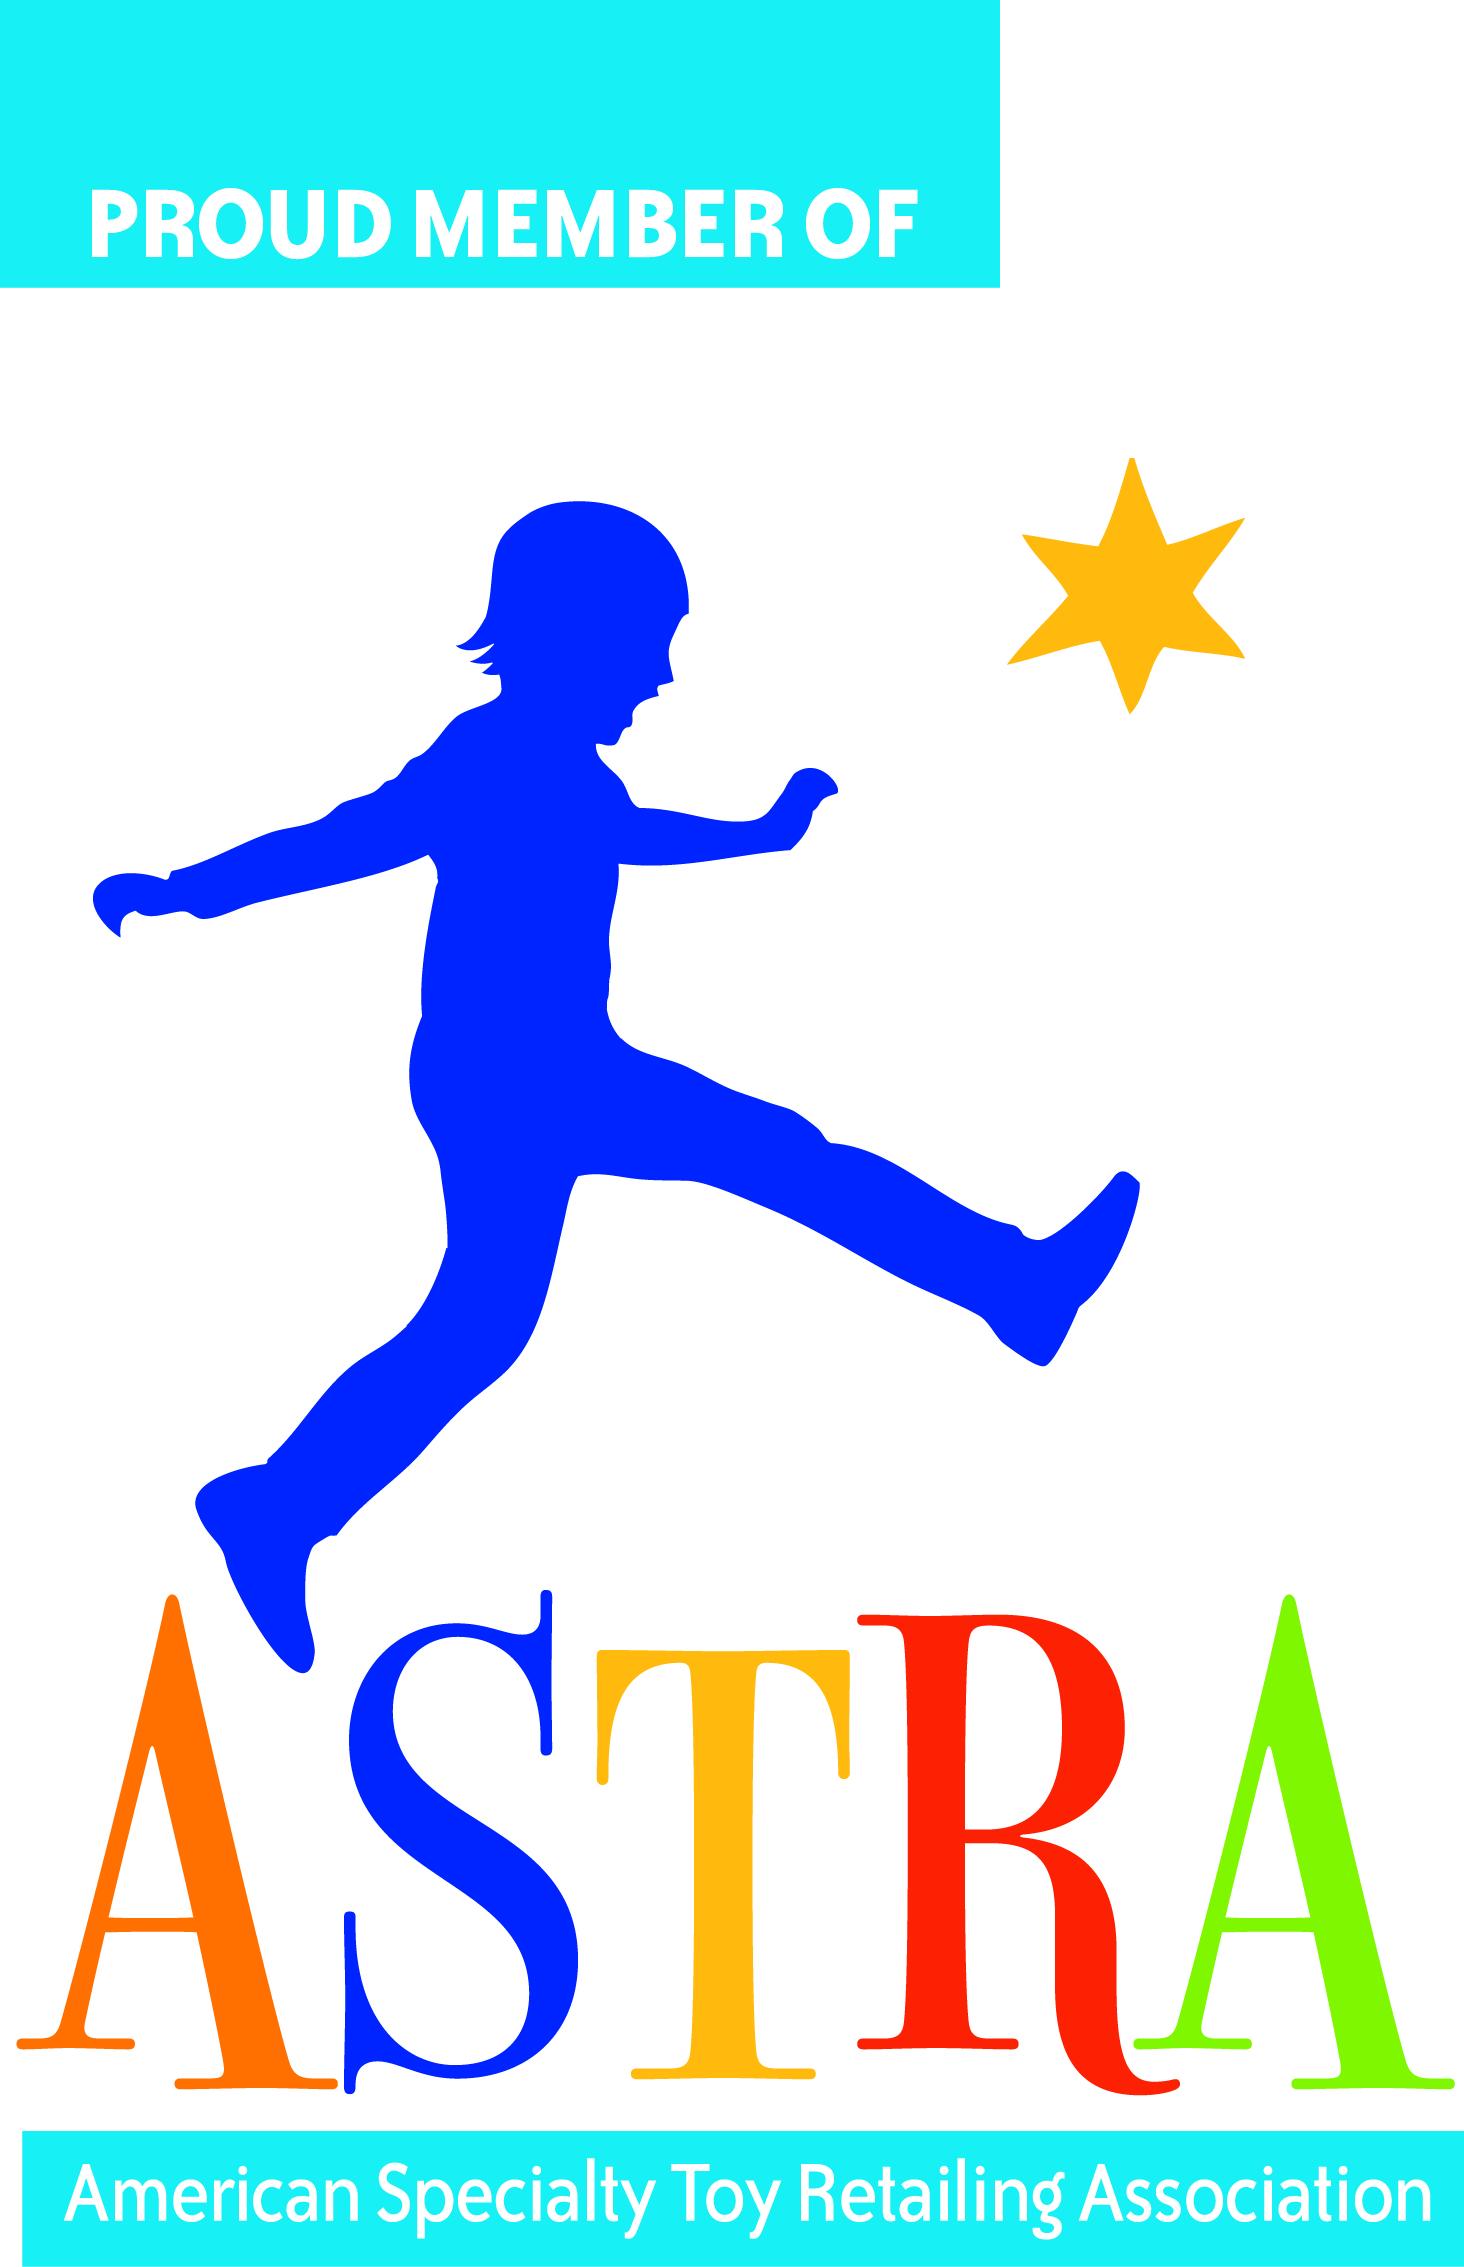 astra_PM.jpg